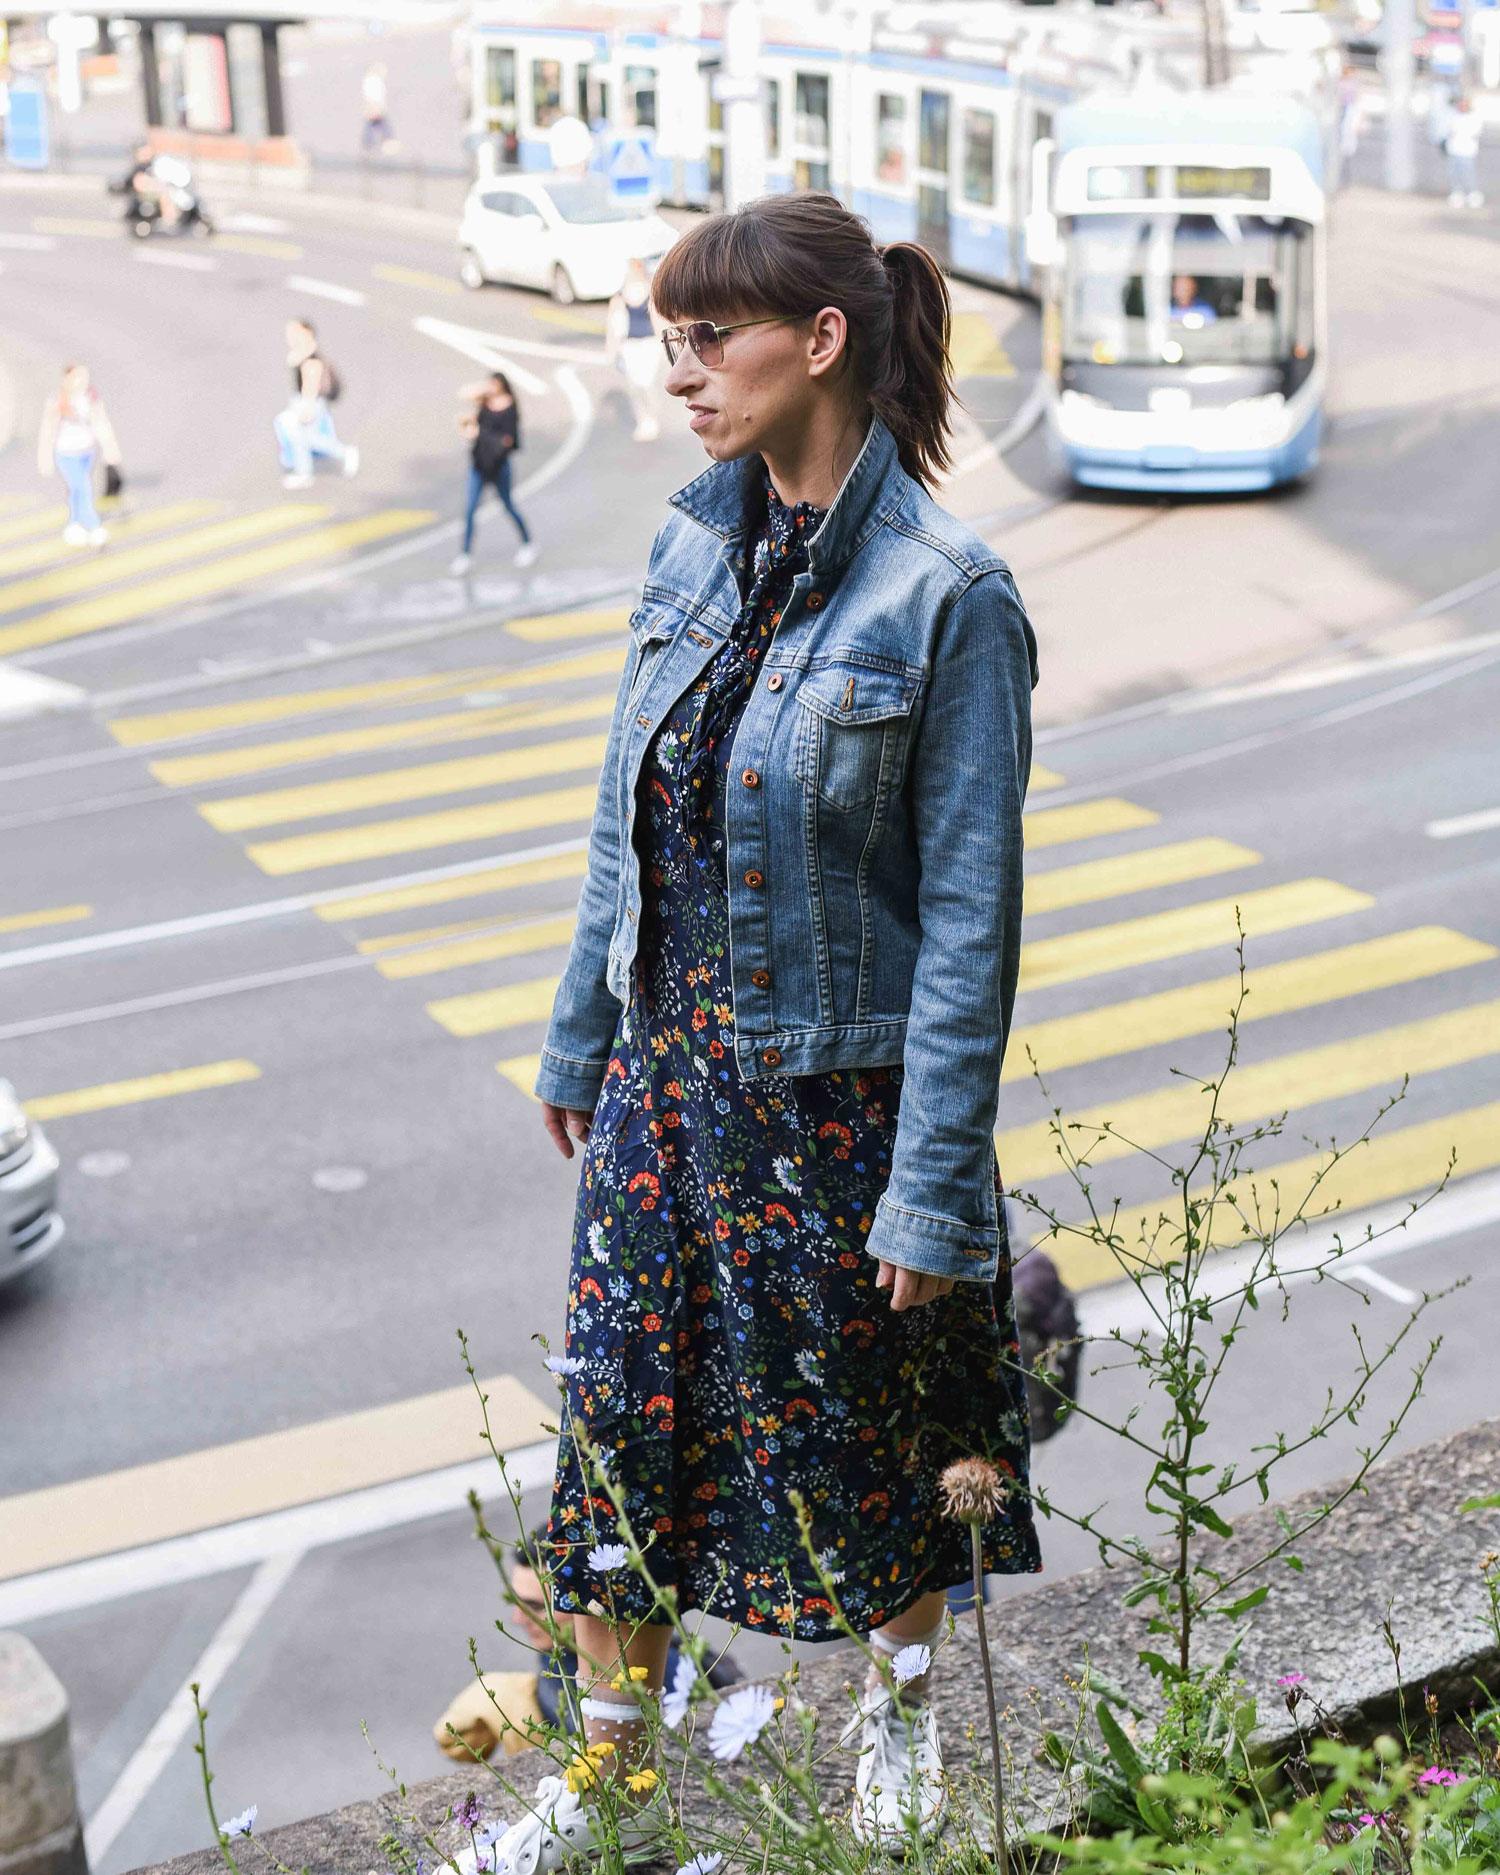 Sightseeing: H&M Blumenkleid mit Volants, Jeansjacke von H&M, Converse all star, Socken von ONYGO